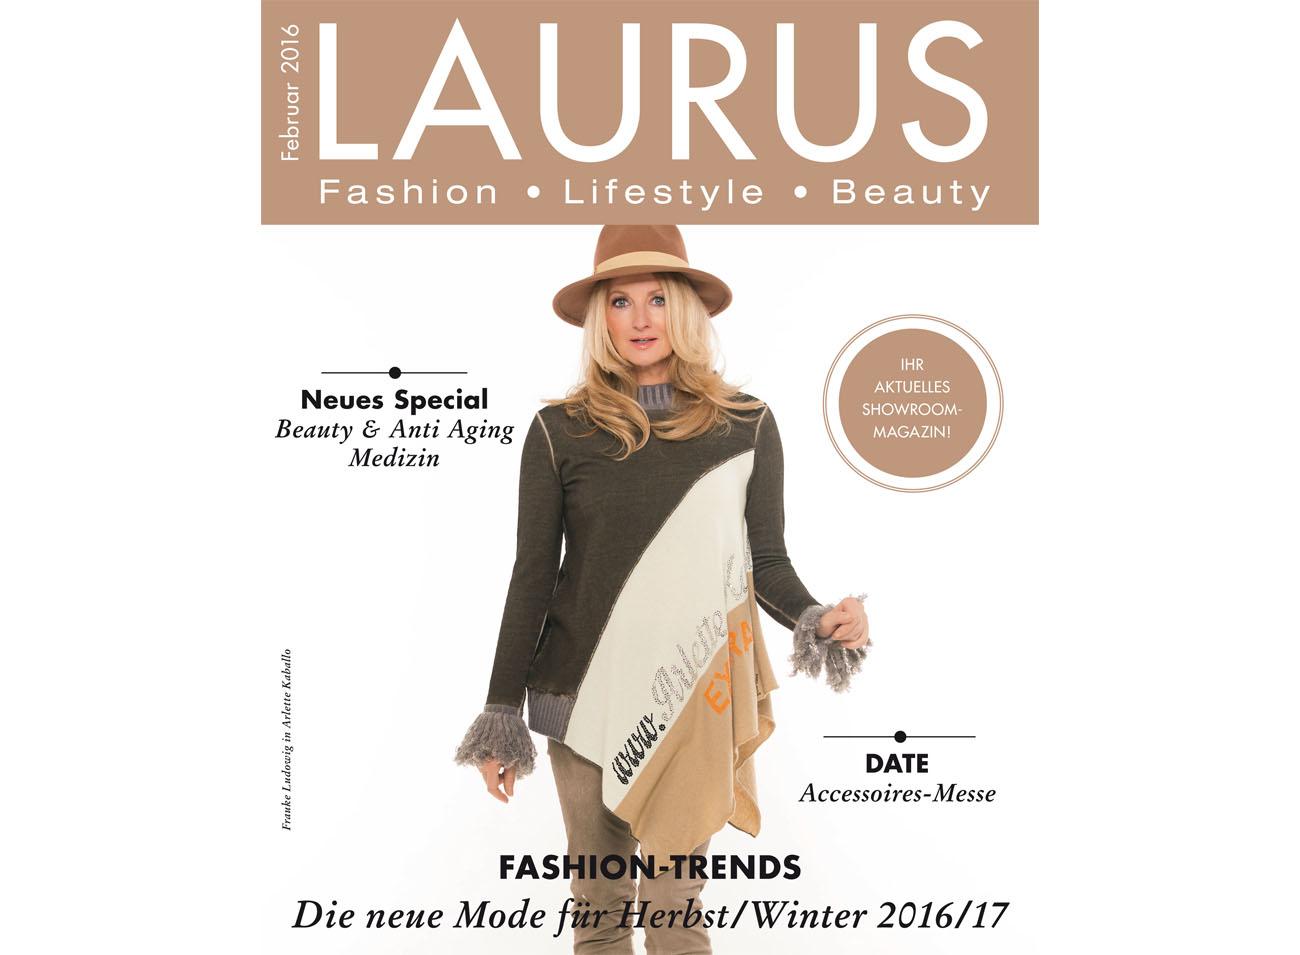 Laurus Magazin Cover 29.01.2016